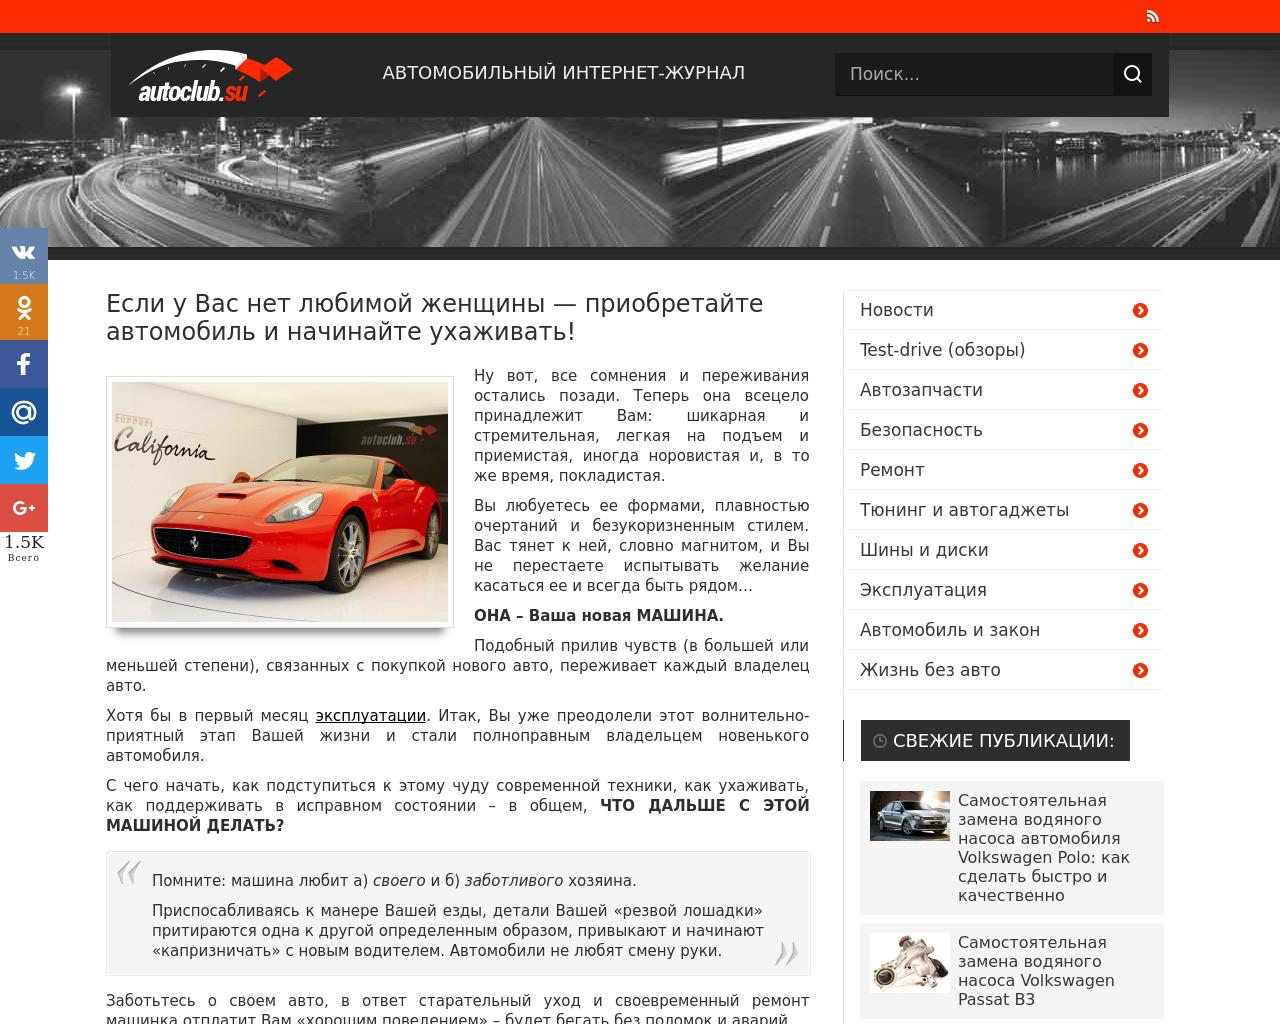 autoclub.su-Advertising-Reviews-Pricing